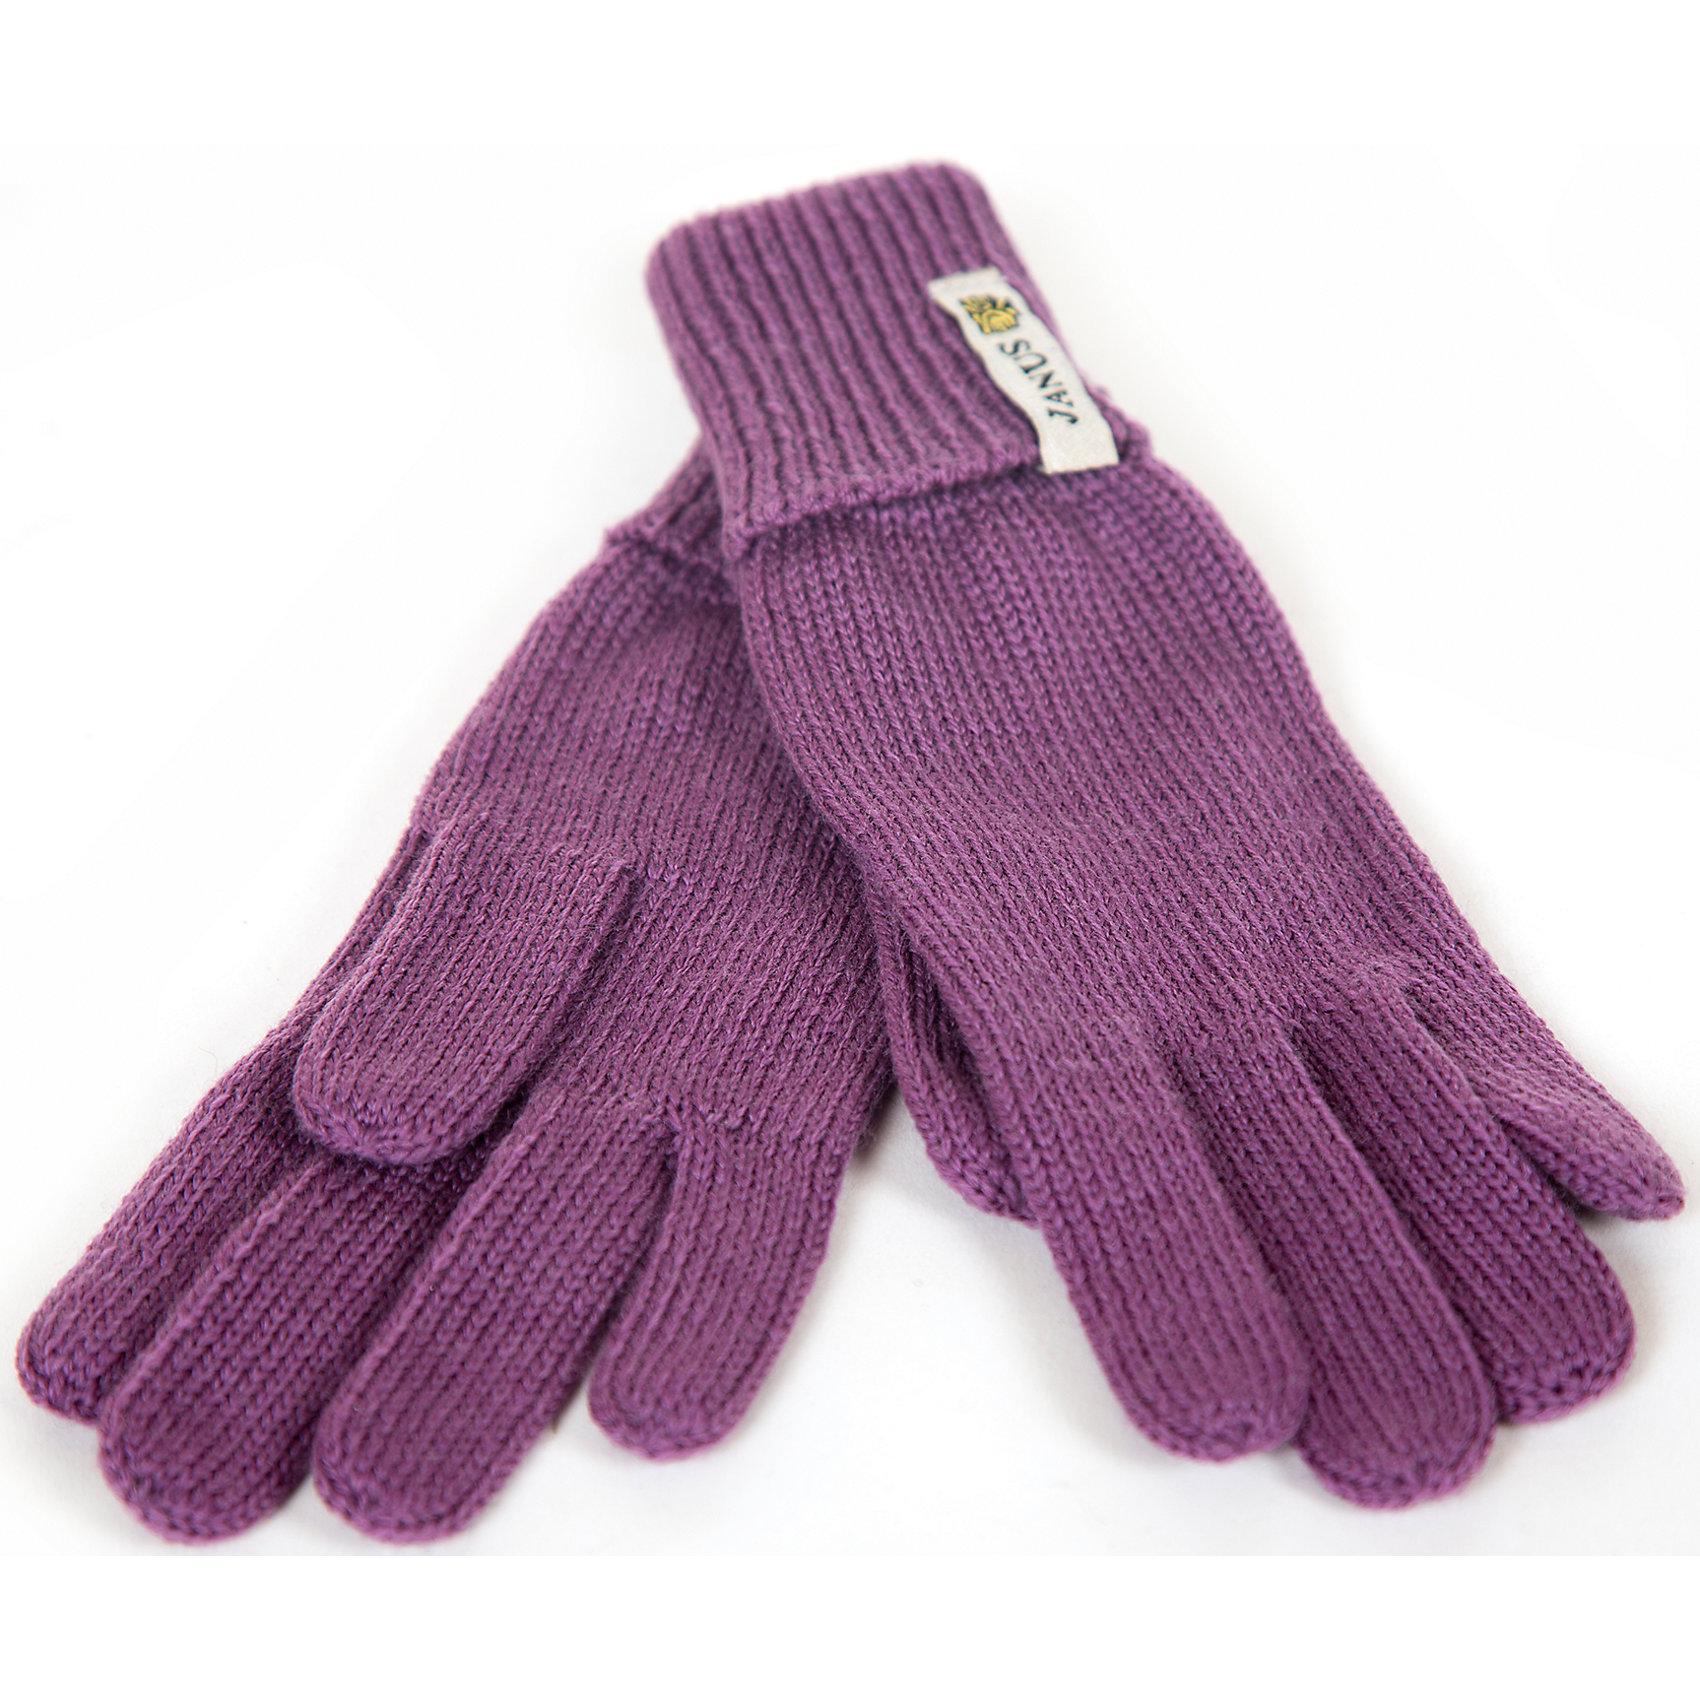 Перчатки JanusПерчатки, варежки<br>Перчатки известной марки Janus.<br><br>Изготовленные из тонкорунной шерсти мериноса, обладающей уникальными свойствами,  они отлично сохранят тепло рук вашего малыша. Мягкая гипоаллергенная шерсть позитивно влияет на кровообращение ребенка, поэтому перчатки не только согревают, но и оказывают лечебно-профилактический эффект. <br><br>Шерсть мериноса даже во влажном состоянии подарит нежной детской коже сухое тепло. Натуральный гигроскопичный материал позволяет коже «дышать», оберегая ручки ребенка не только от холода, но и от перегрева.<br><br>Шерстяные перчатки Janus красивы, удобны и полезны для детского здоровья.<br><br>Состав: 100% шерсть<br><br>Ширина мм: 162<br>Глубина мм: 171<br>Высота мм: 55<br>Вес г: 119<br>Цвет: розовый<br>Возраст от месяцев: 96<br>Возраст до месяцев: 120<br>Пол: Женский<br>Возраст: Детский<br>Размер: 4,3<br>SKU: 4913717